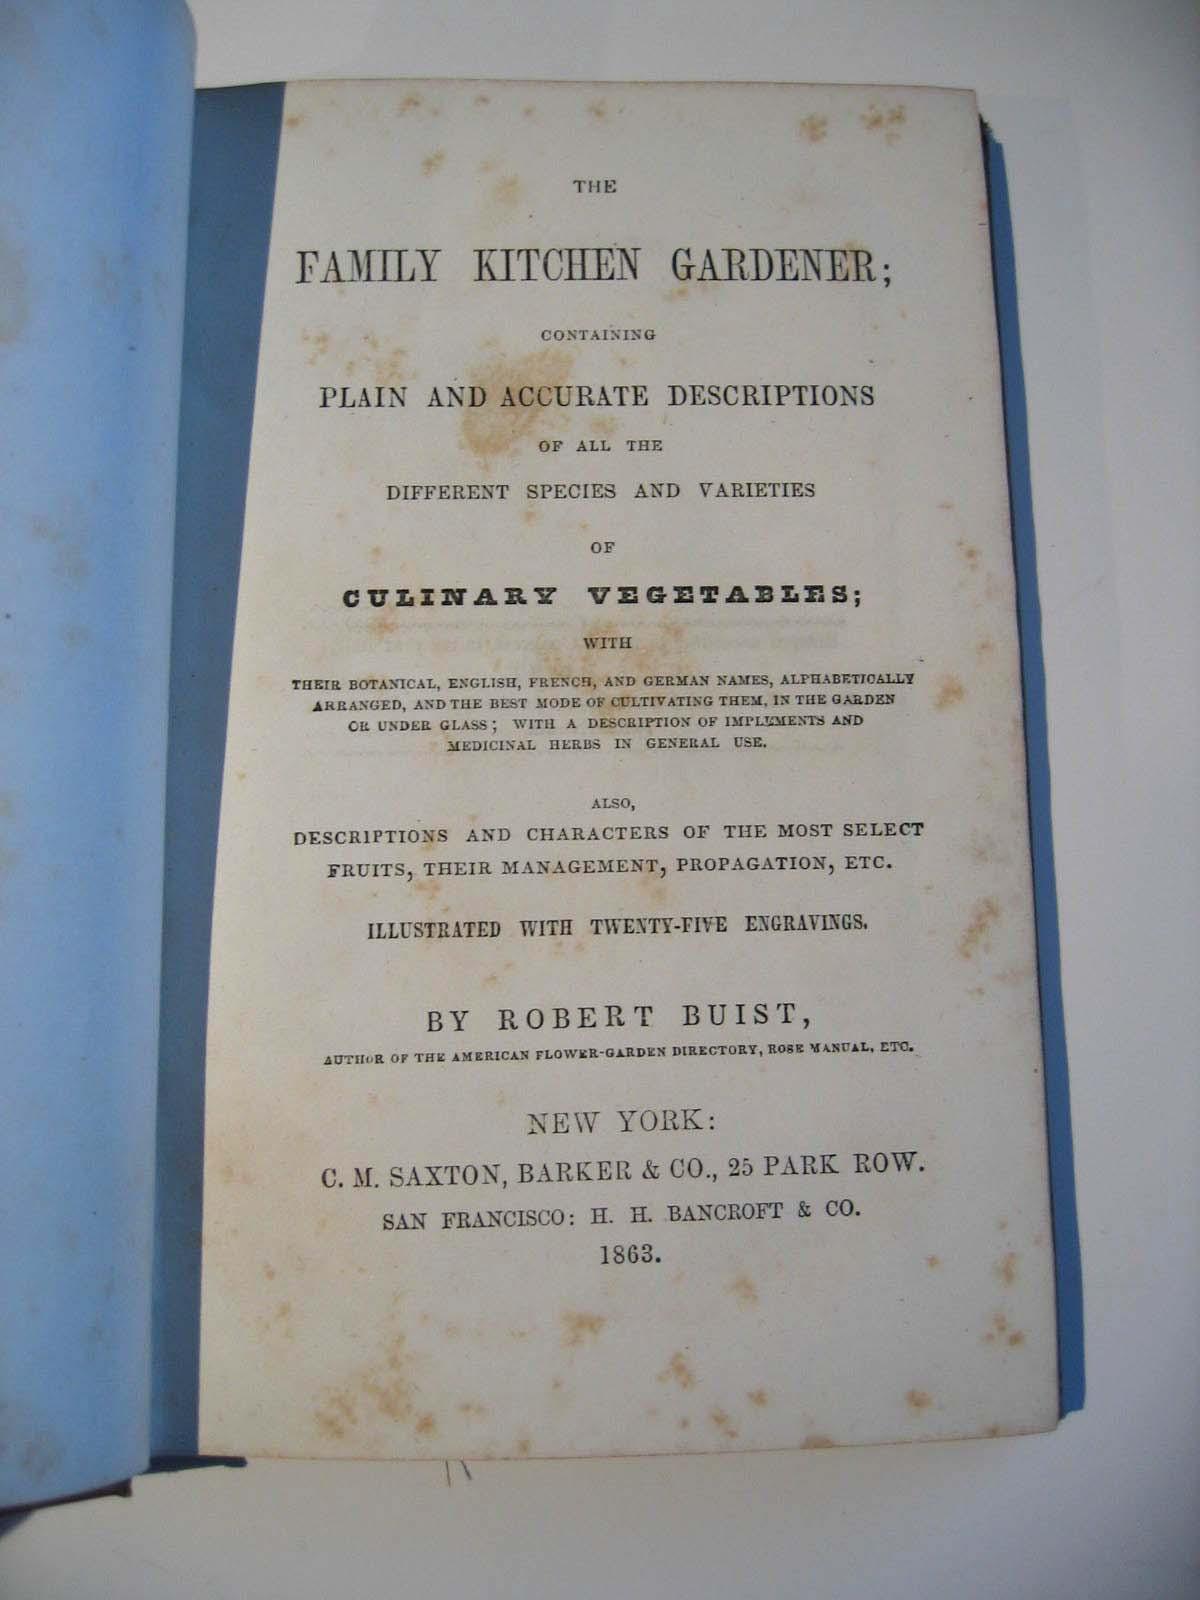 The Kitchen Gardener Antique The Family Kitchen Gardener Book Buist Civil War Vegetable